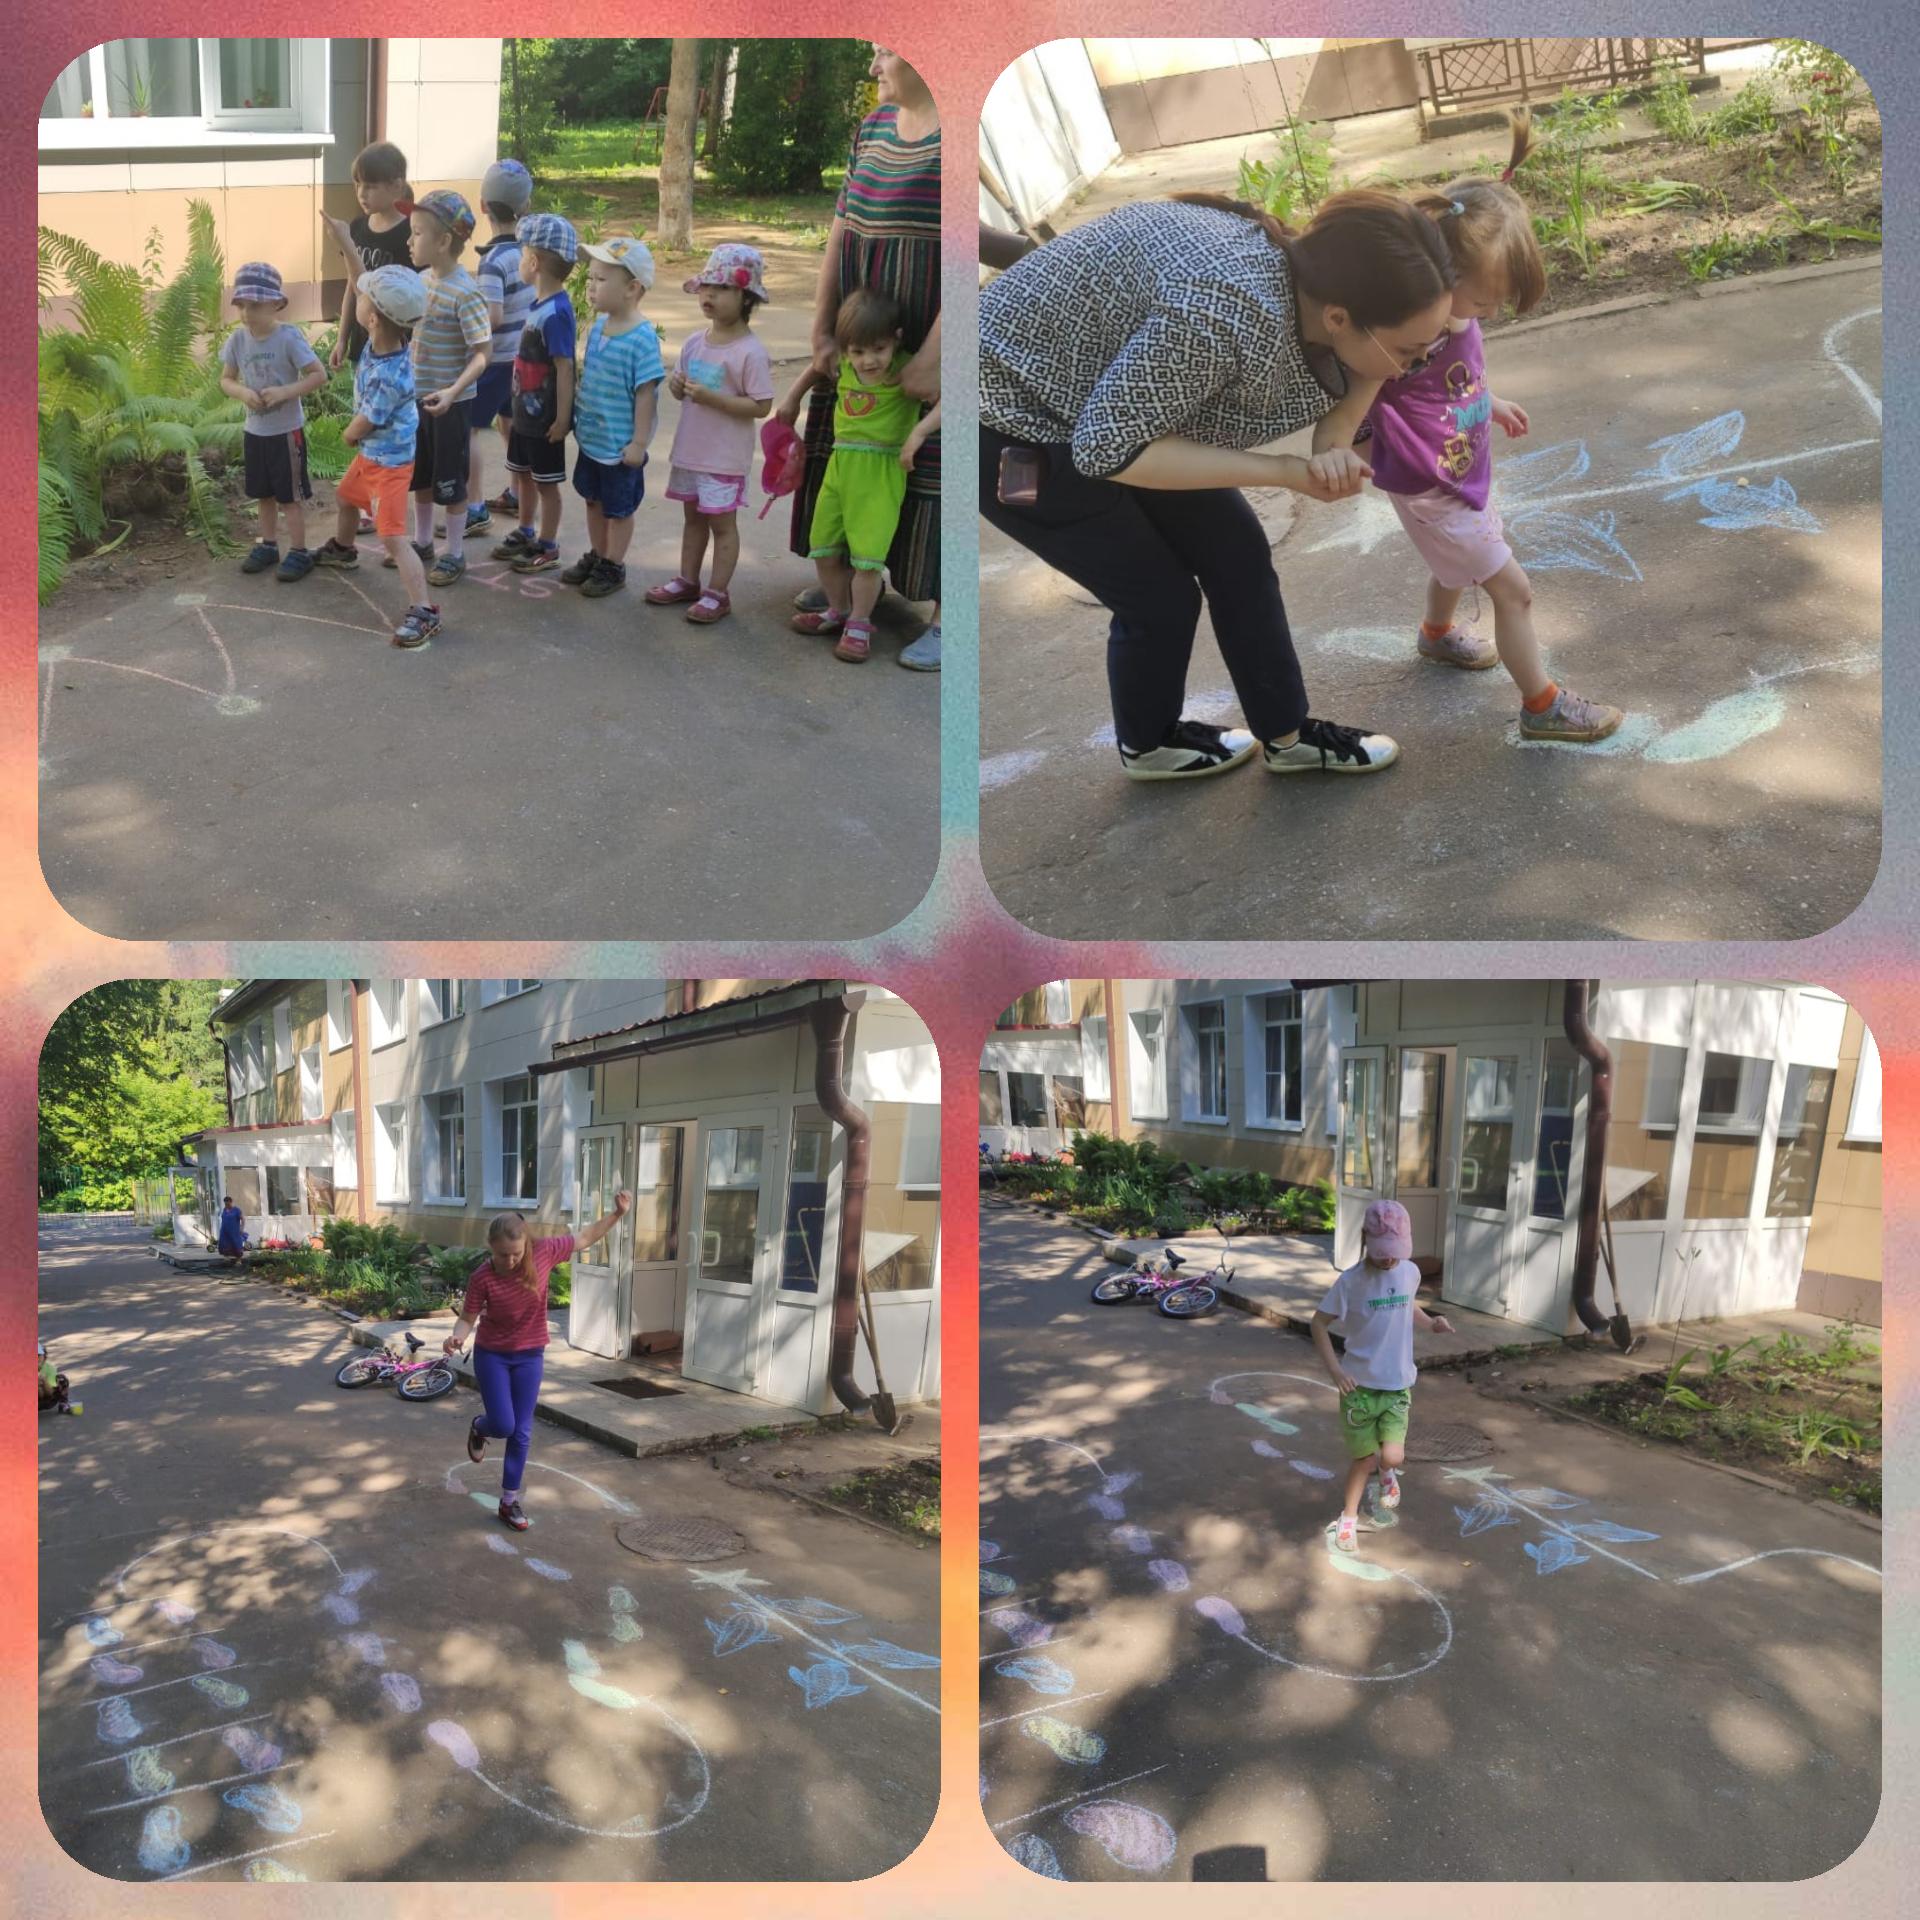 Polish_20200706_204341485